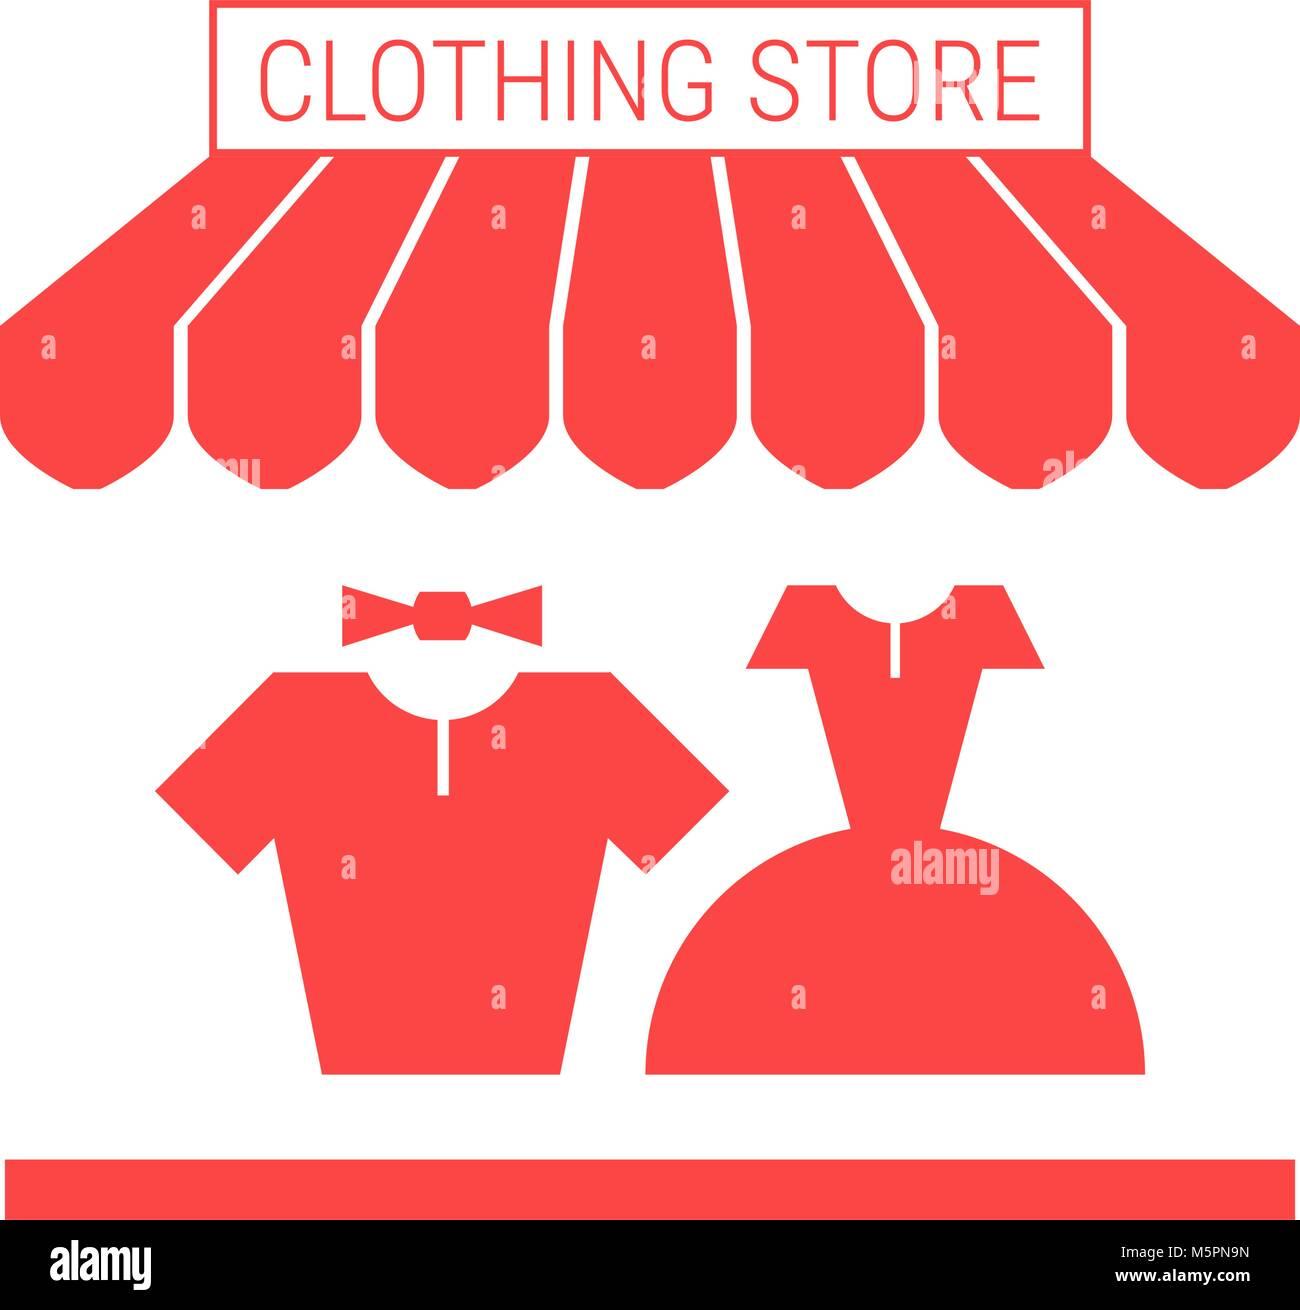 newest collection 29580 be214 Negozio di abbigliamento, merceria Shop unico piatto a icona ...